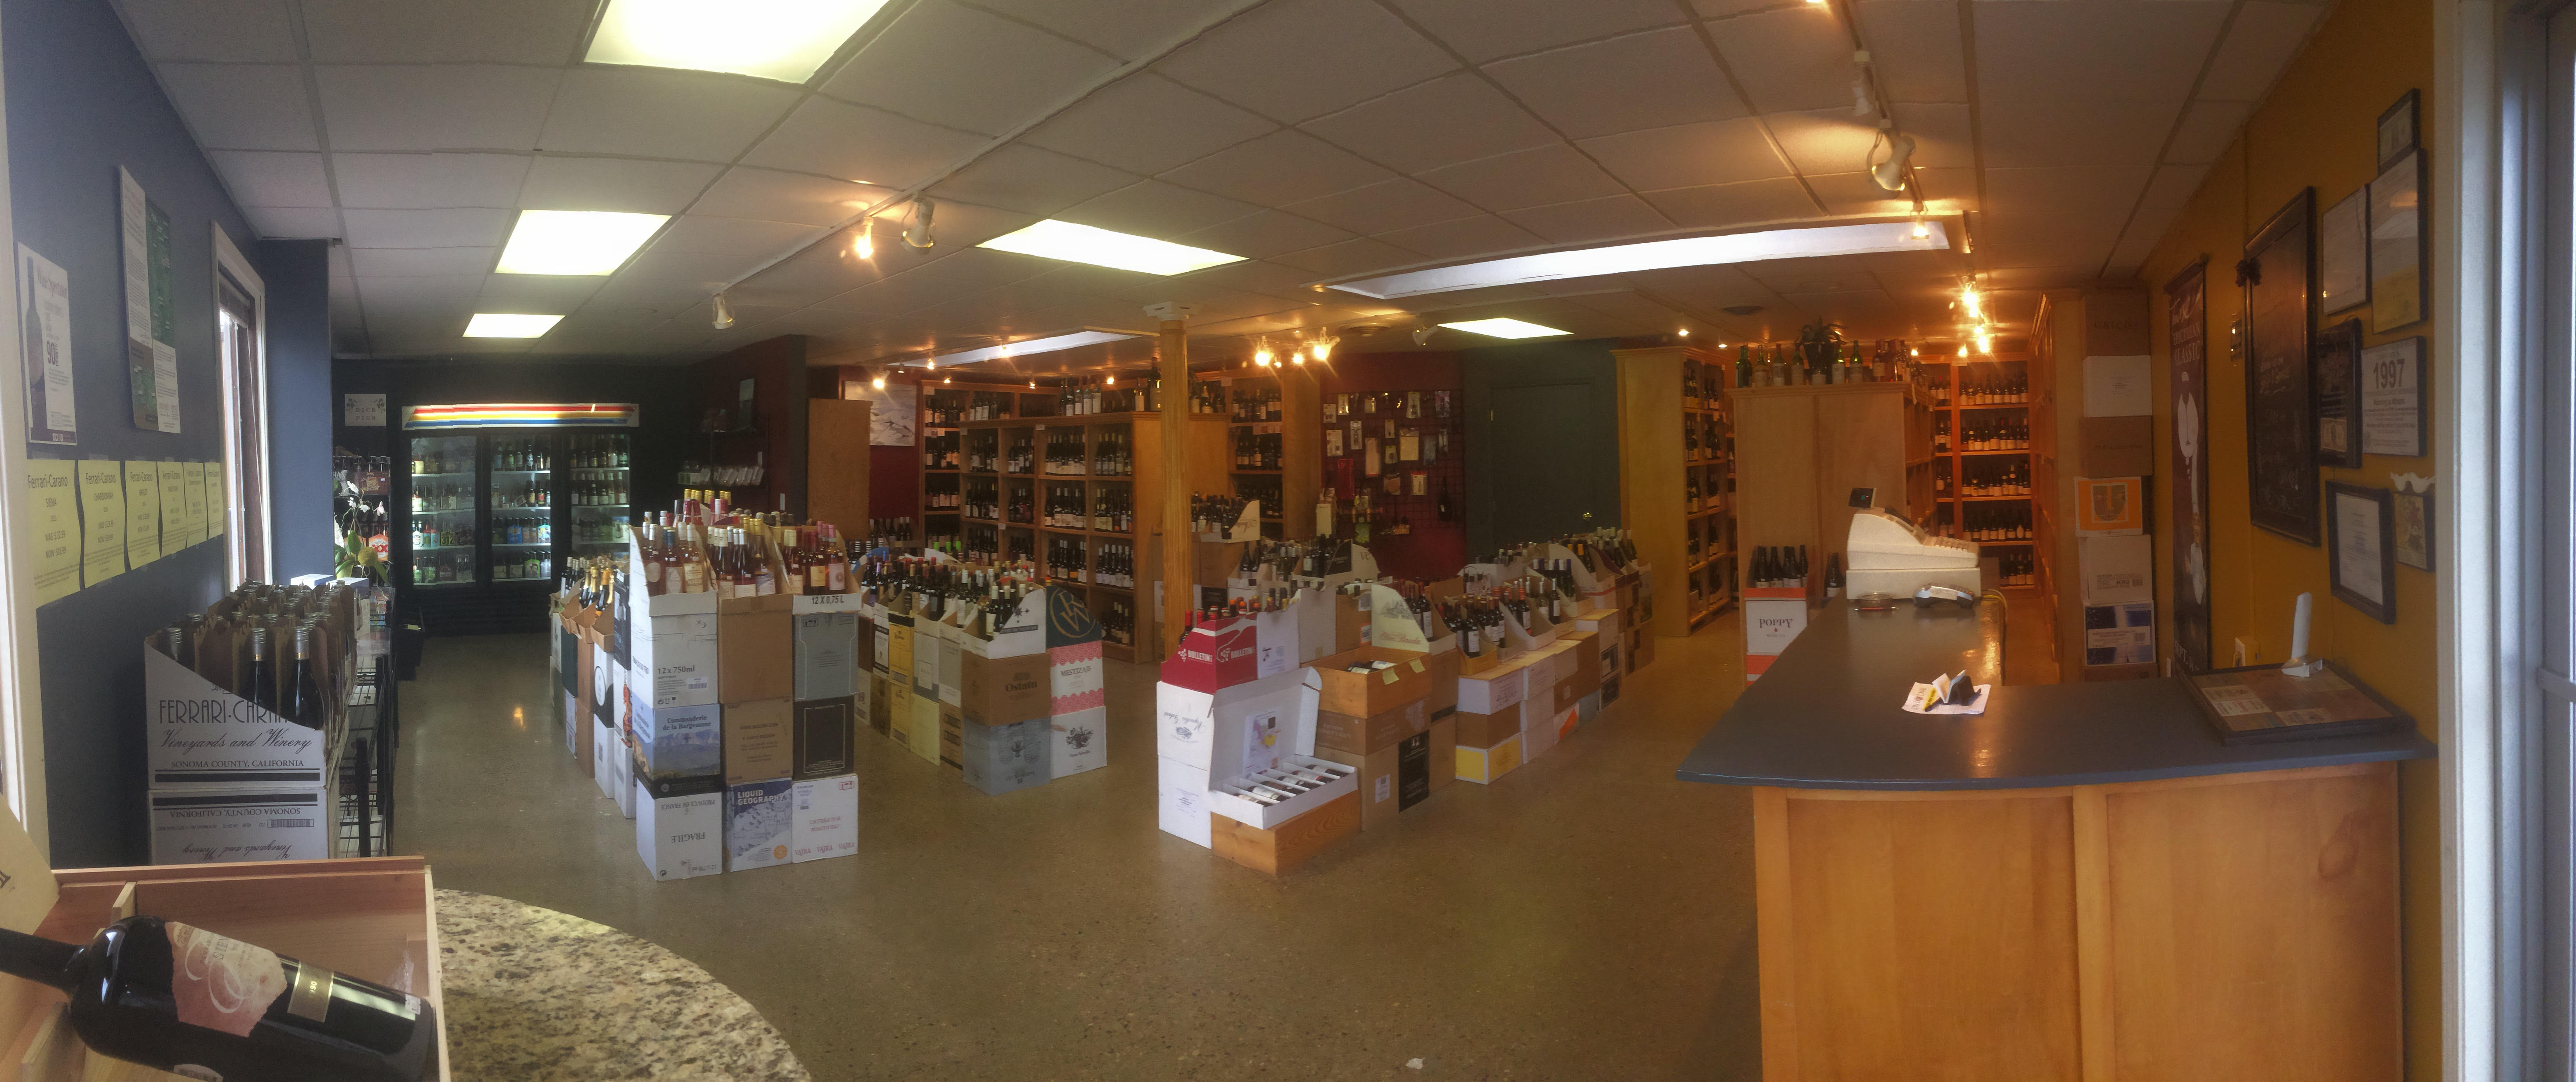 Bon Vin Interior 10.8.2018.jpg